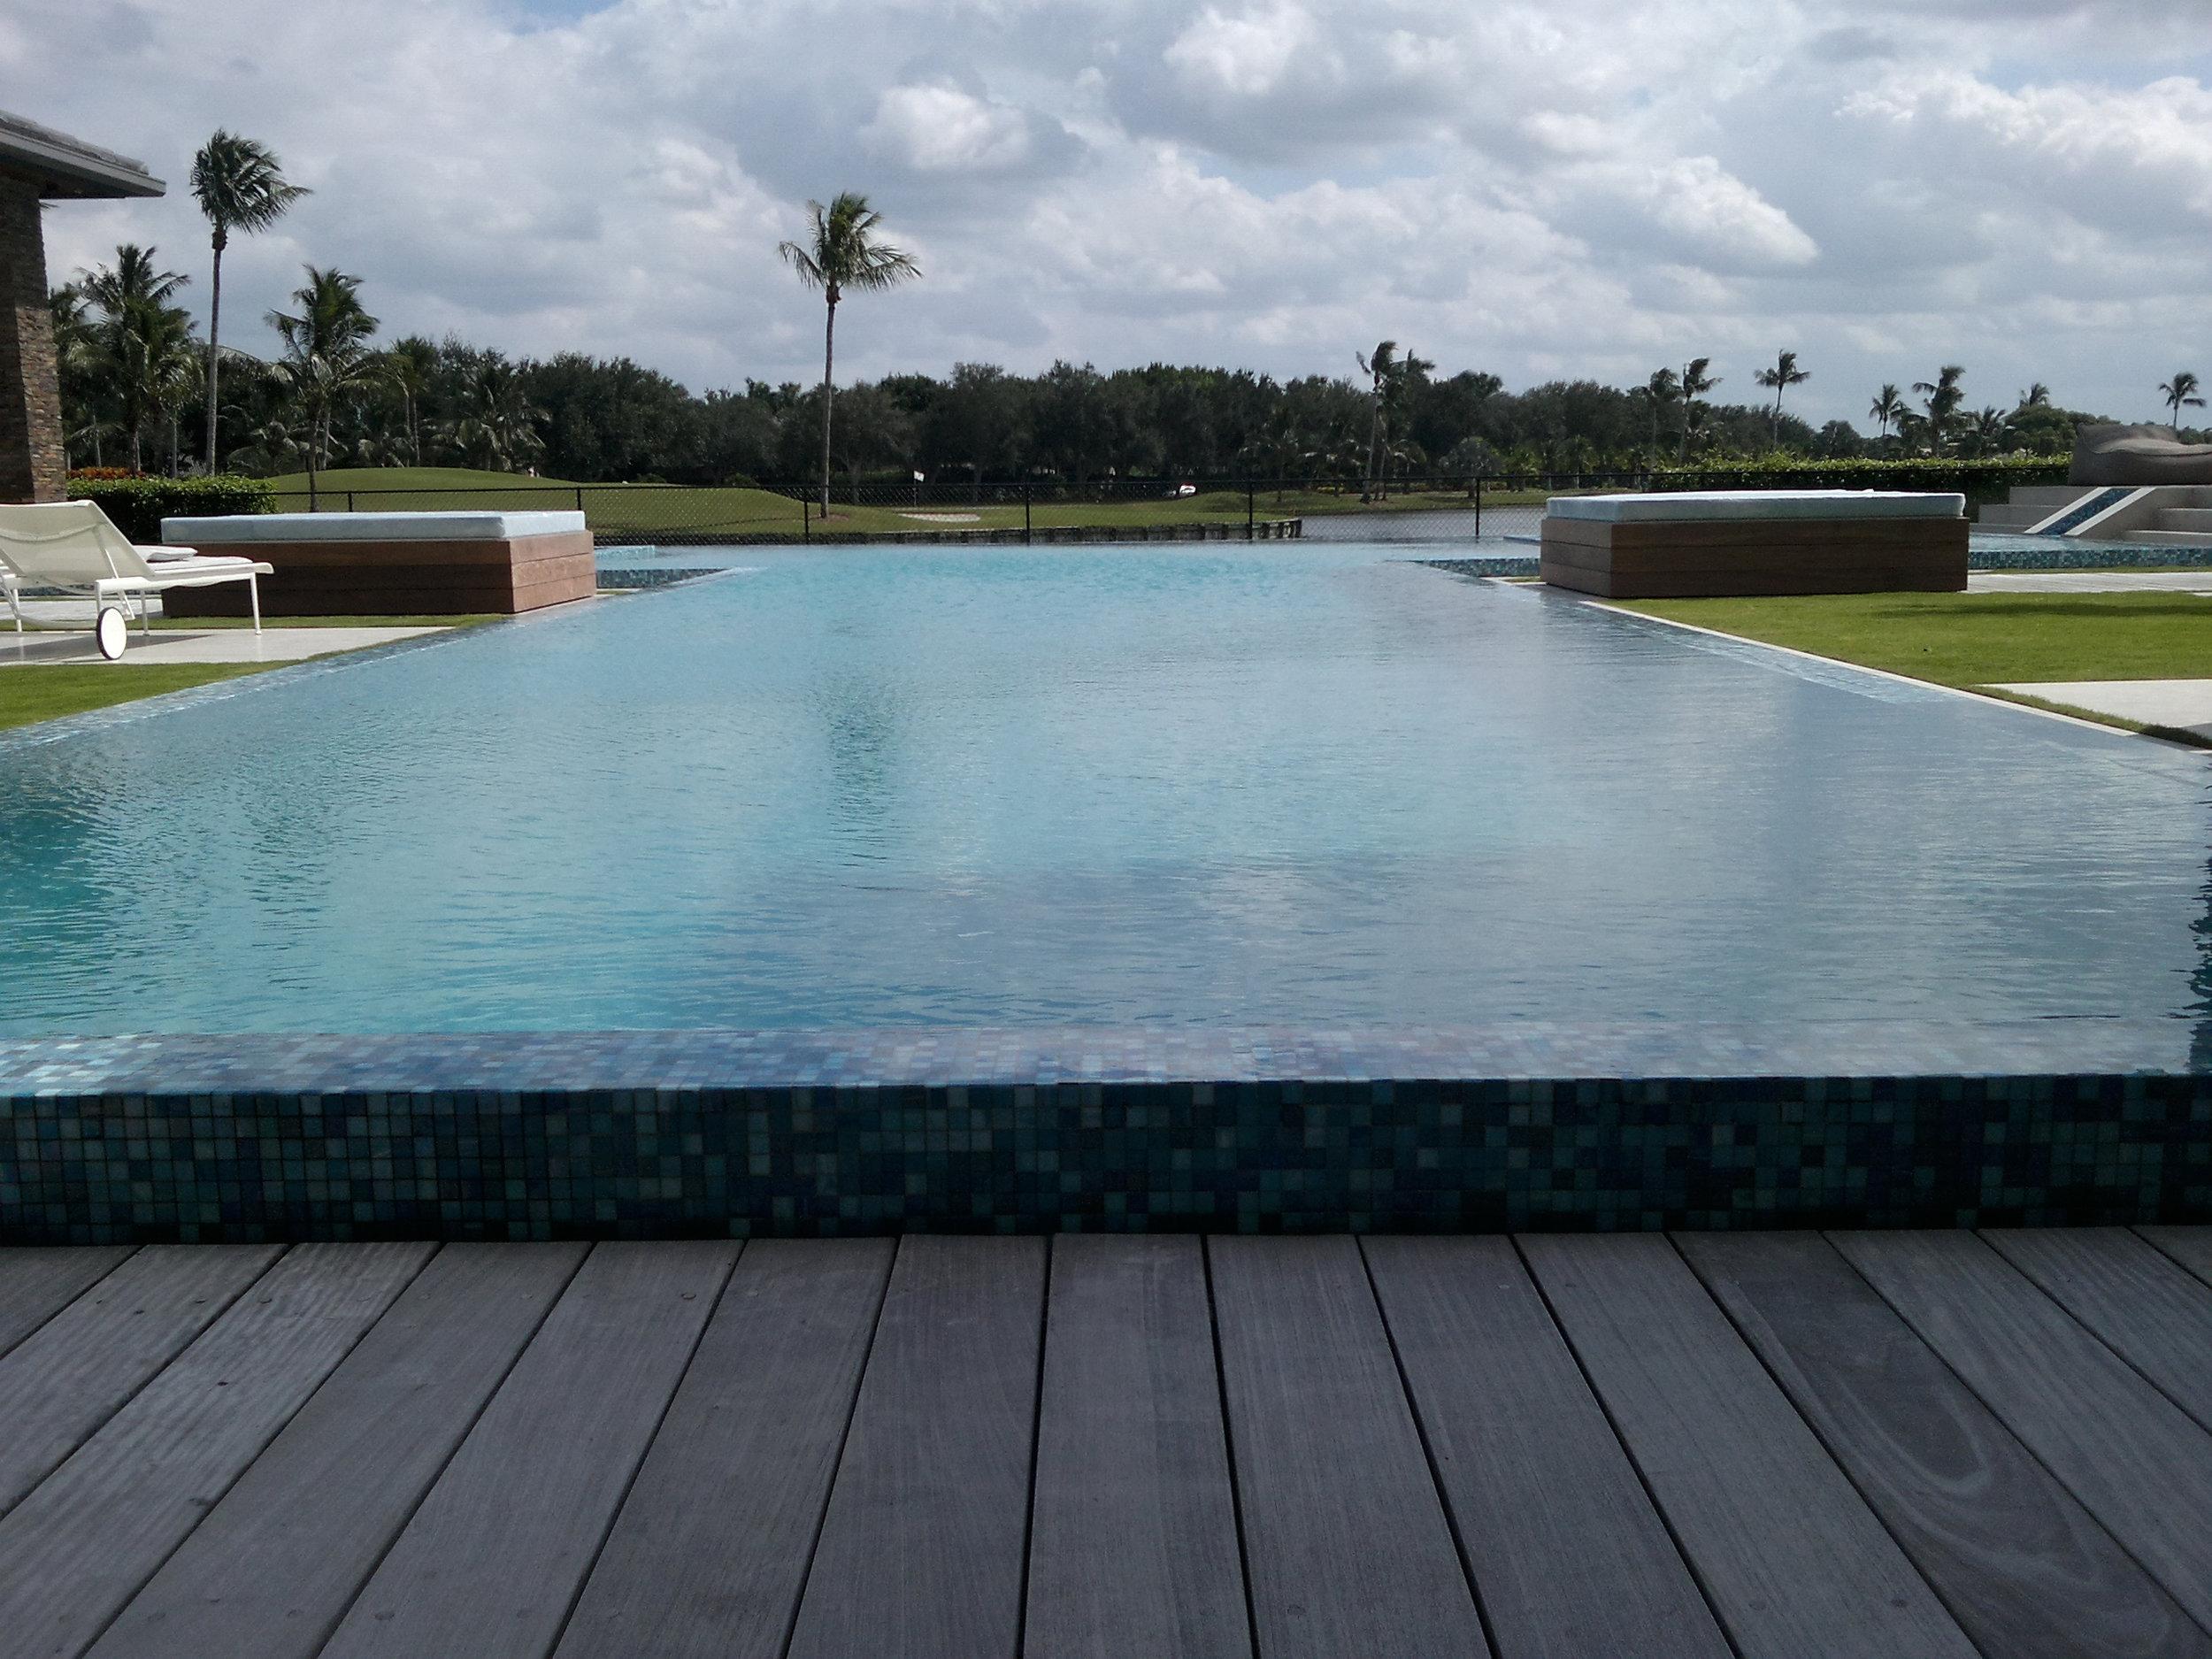 Woodfield Pool Spa - 22.jpg